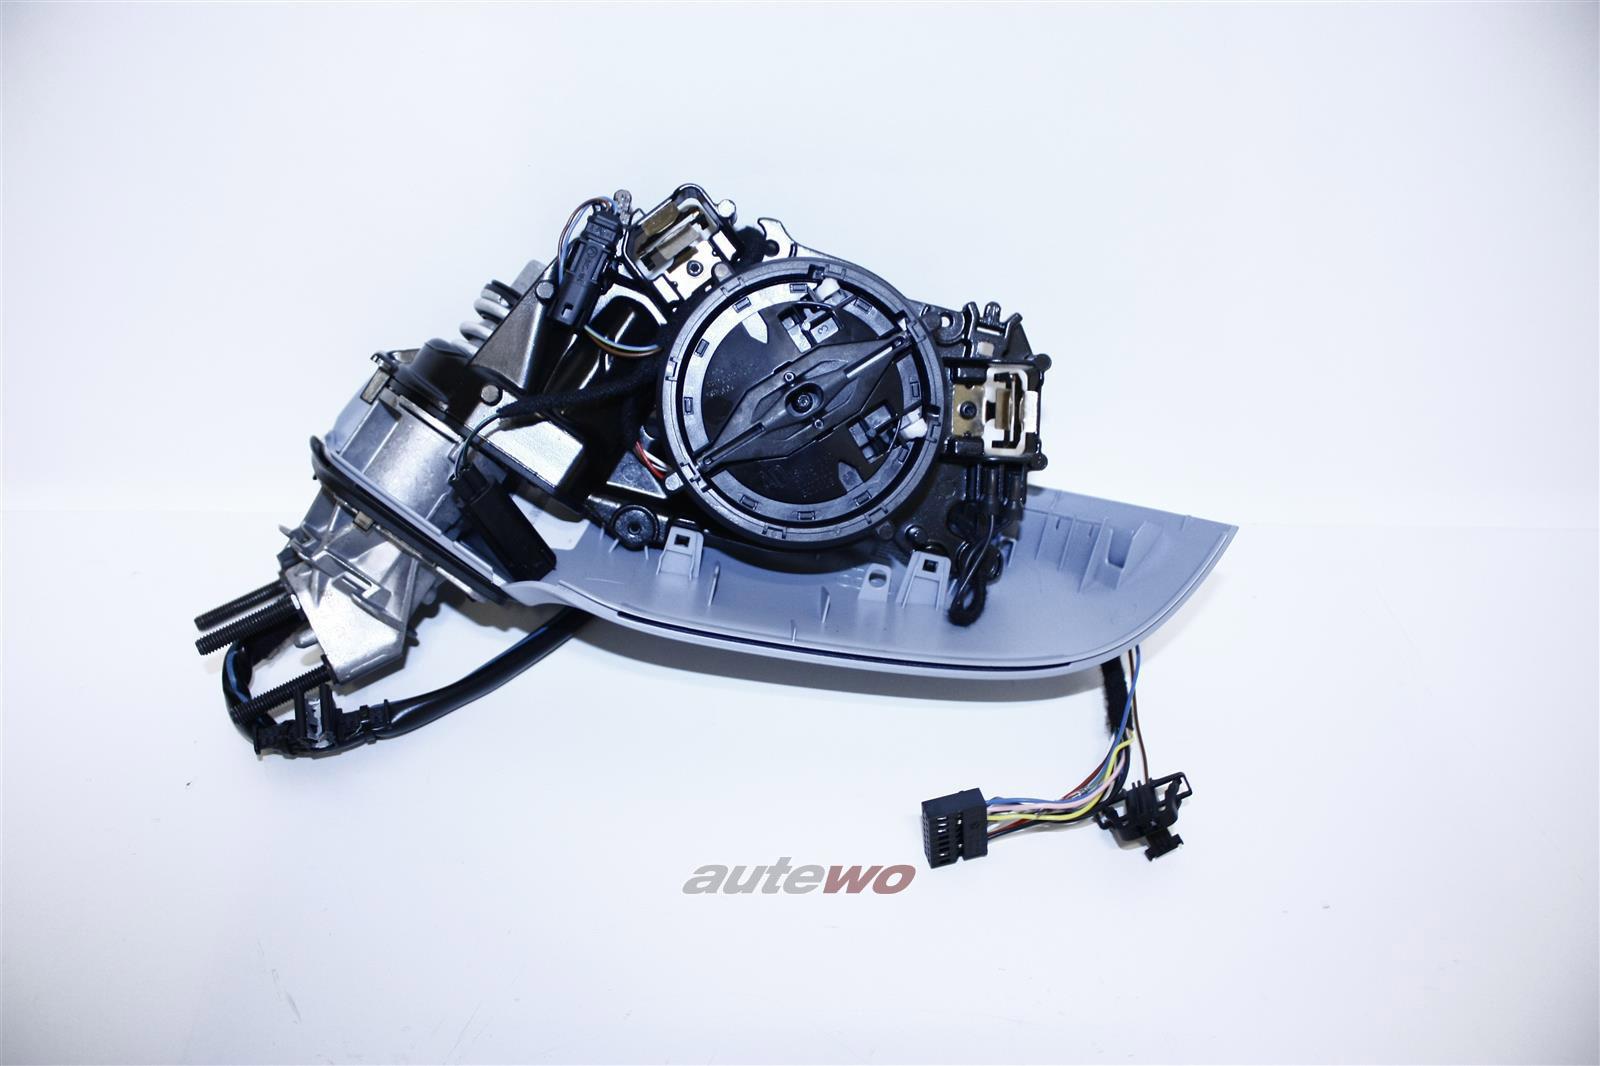 4G8858532AJ 4G8858532Q NEU Audi A7 Aussenspiegel RHD/Right Hand Driven Rechts